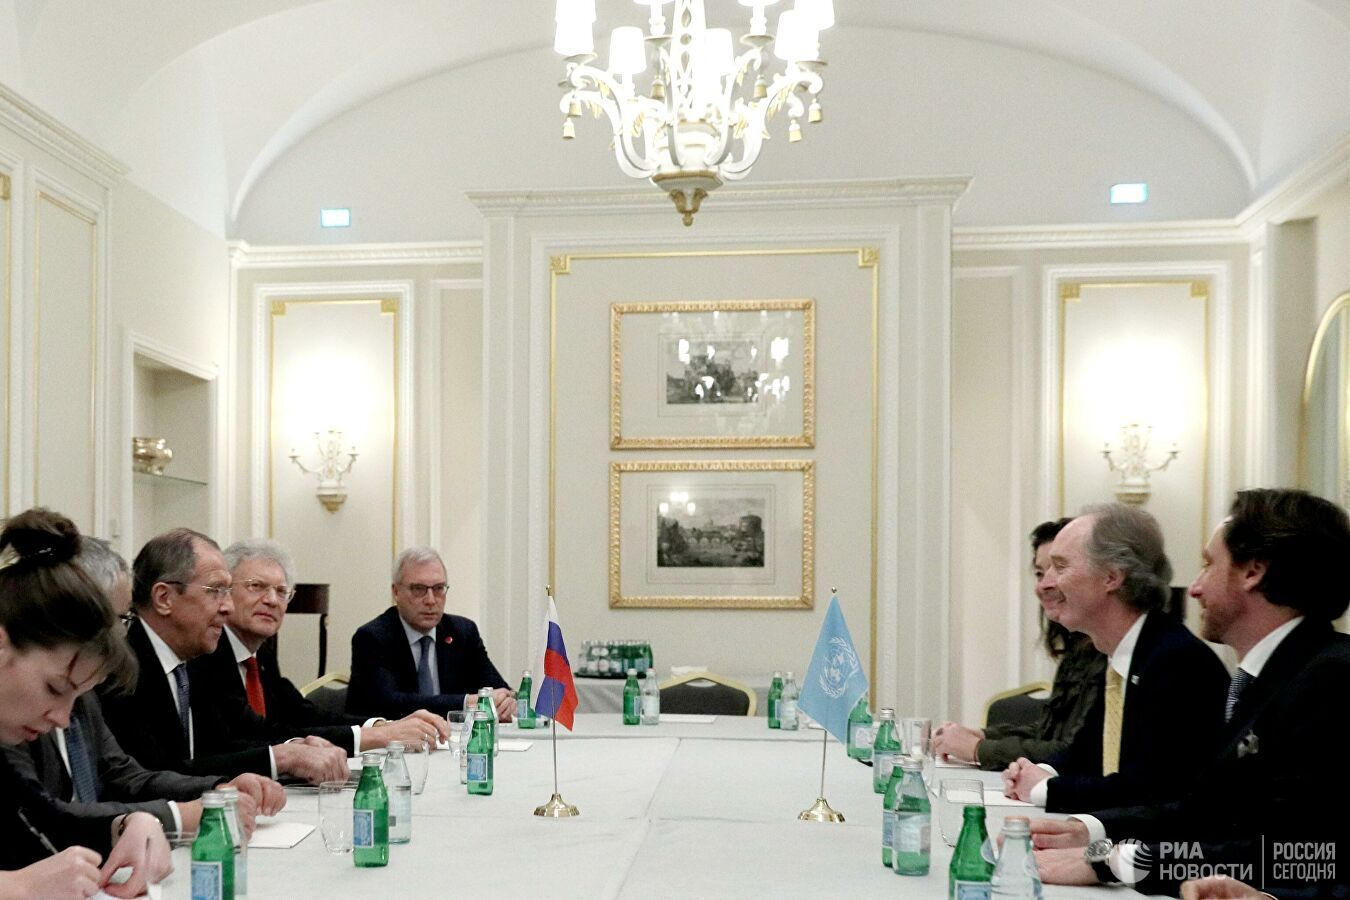 لافروف وبيدرسن يؤكدان دعمهما لجهود اللجنة الدستورية السورية